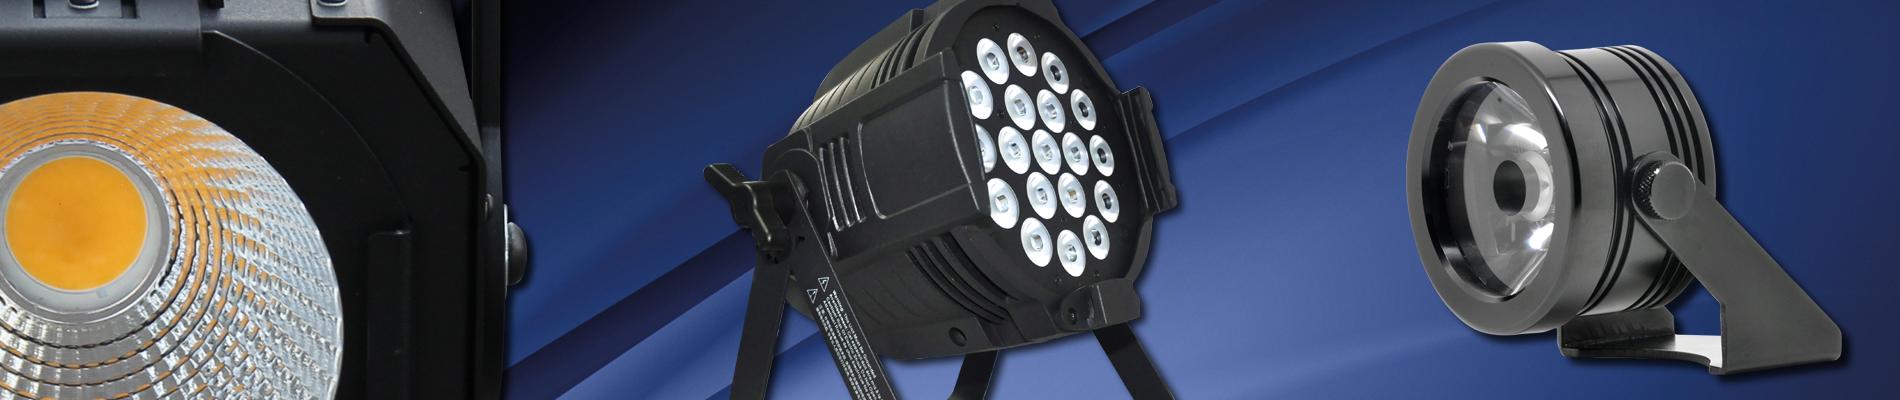 LED PARs/Spots